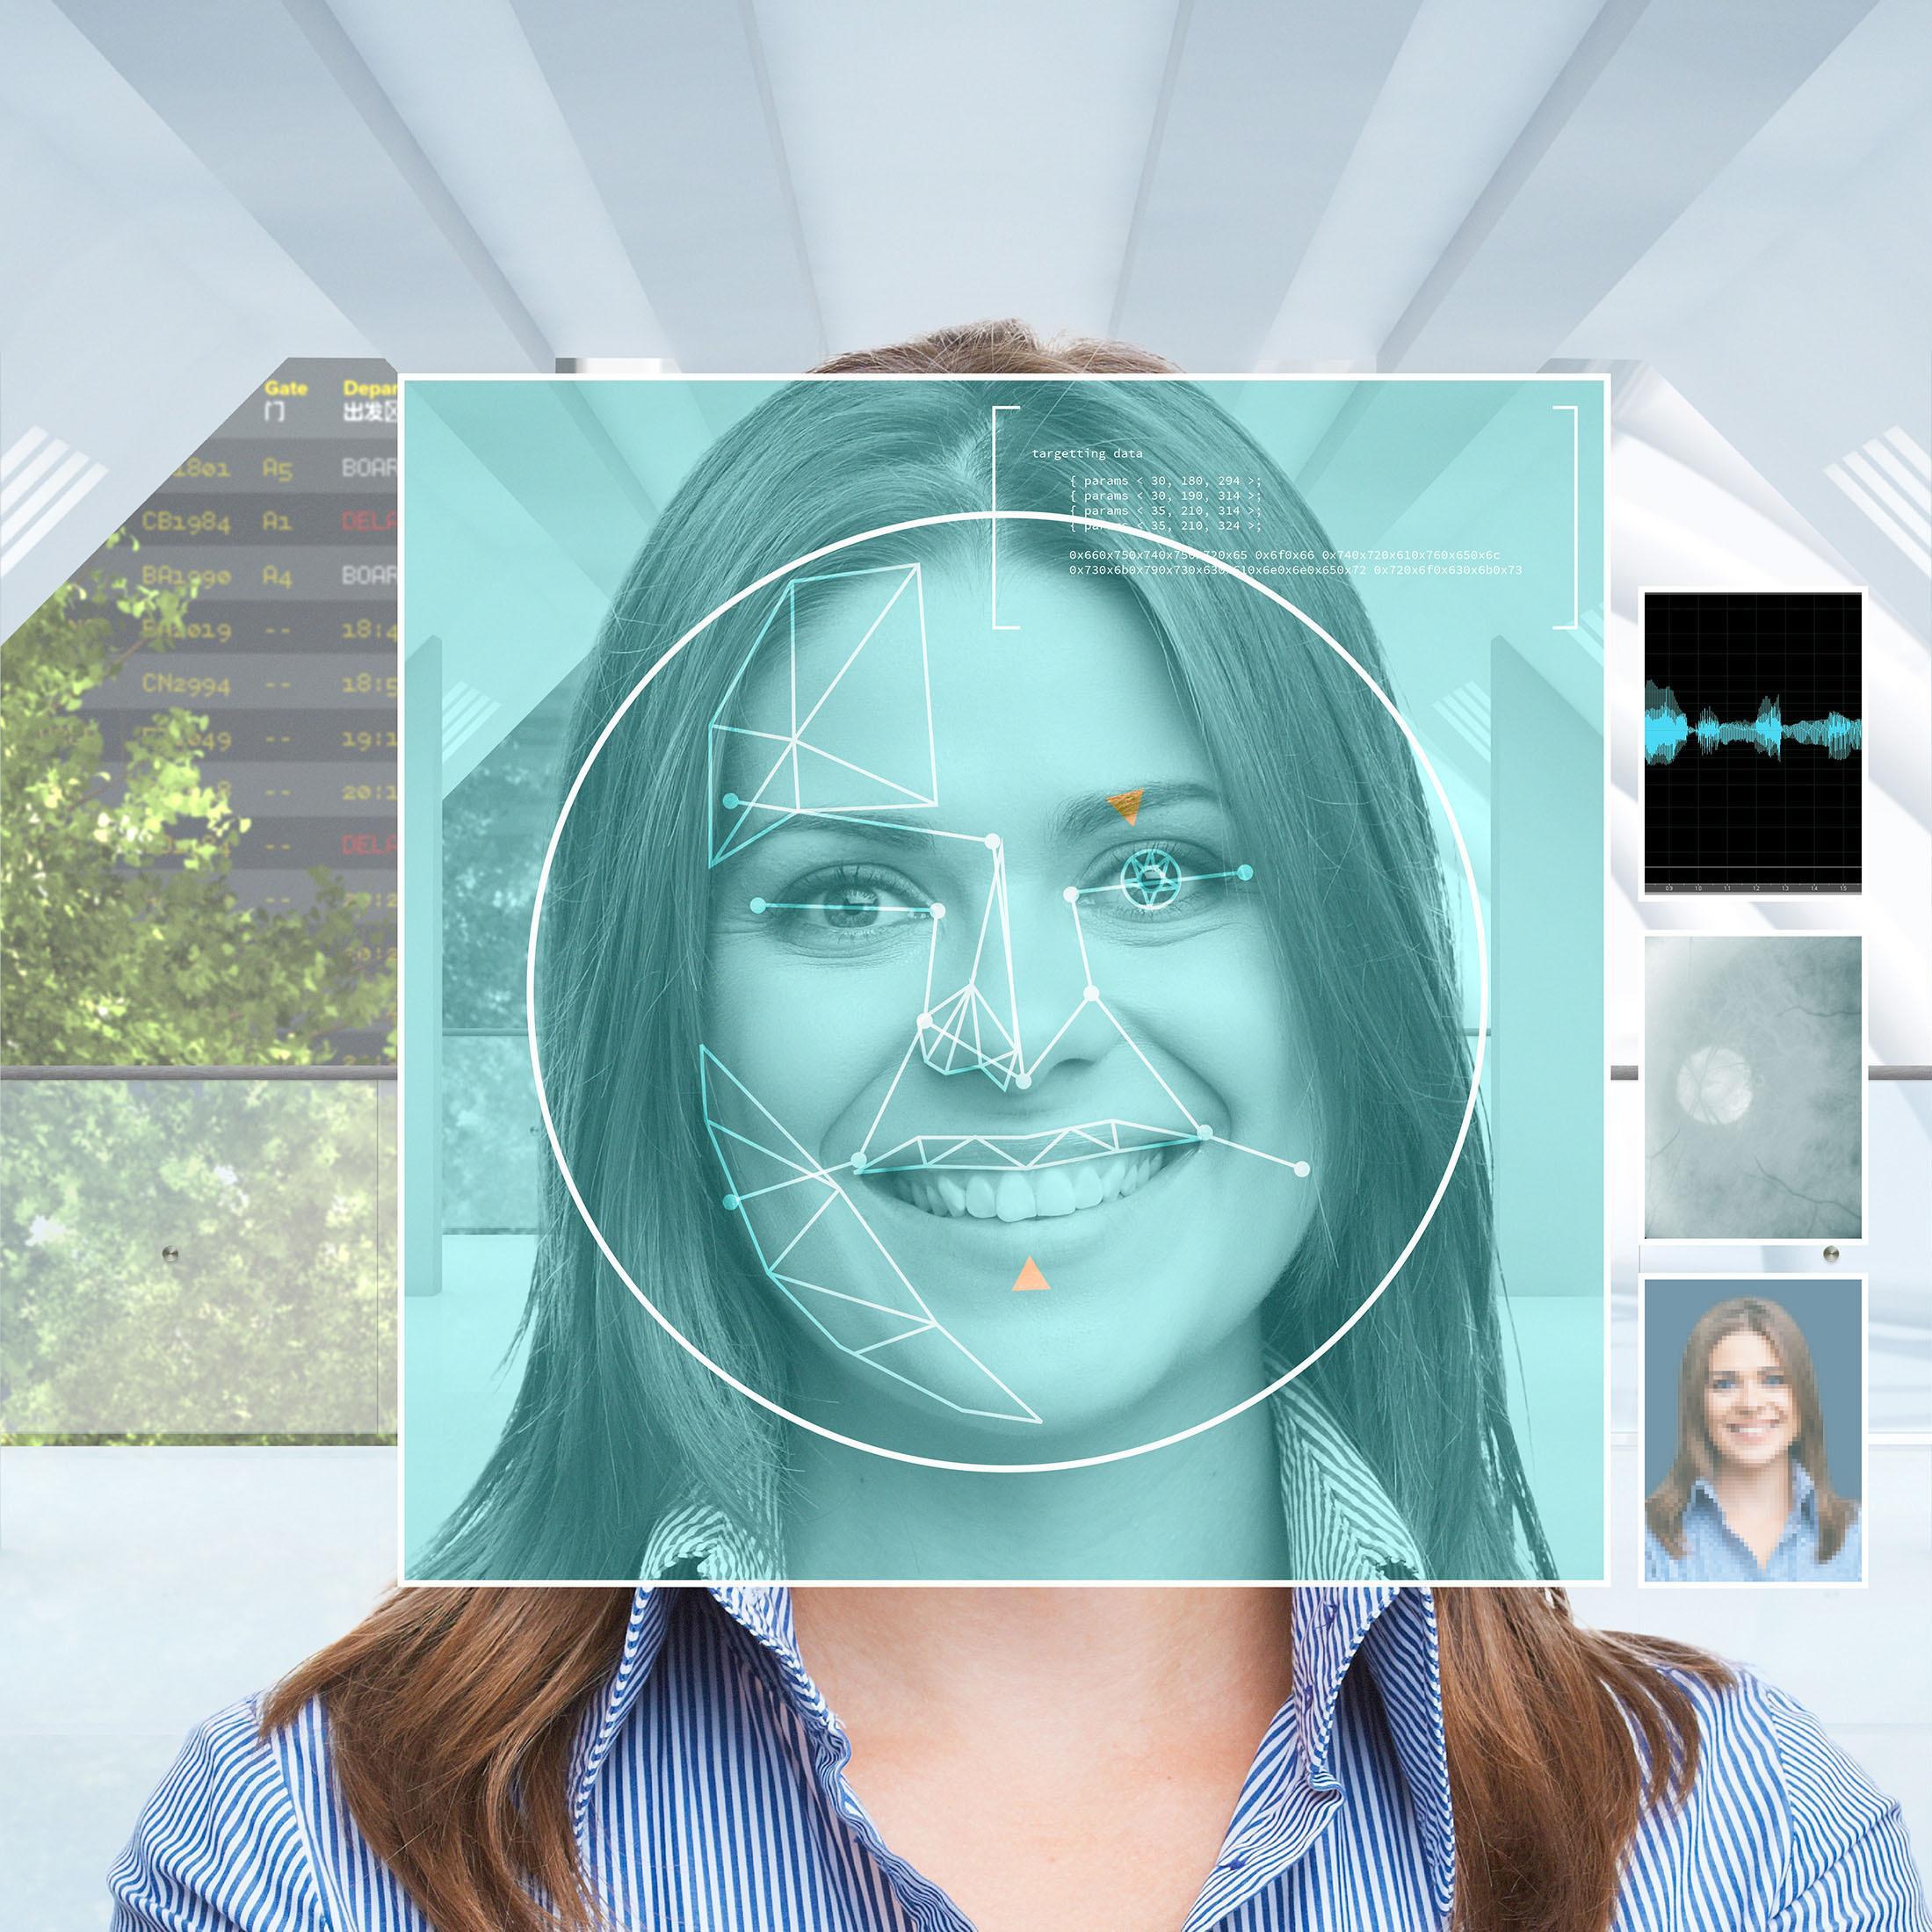 facial recognition choicedna